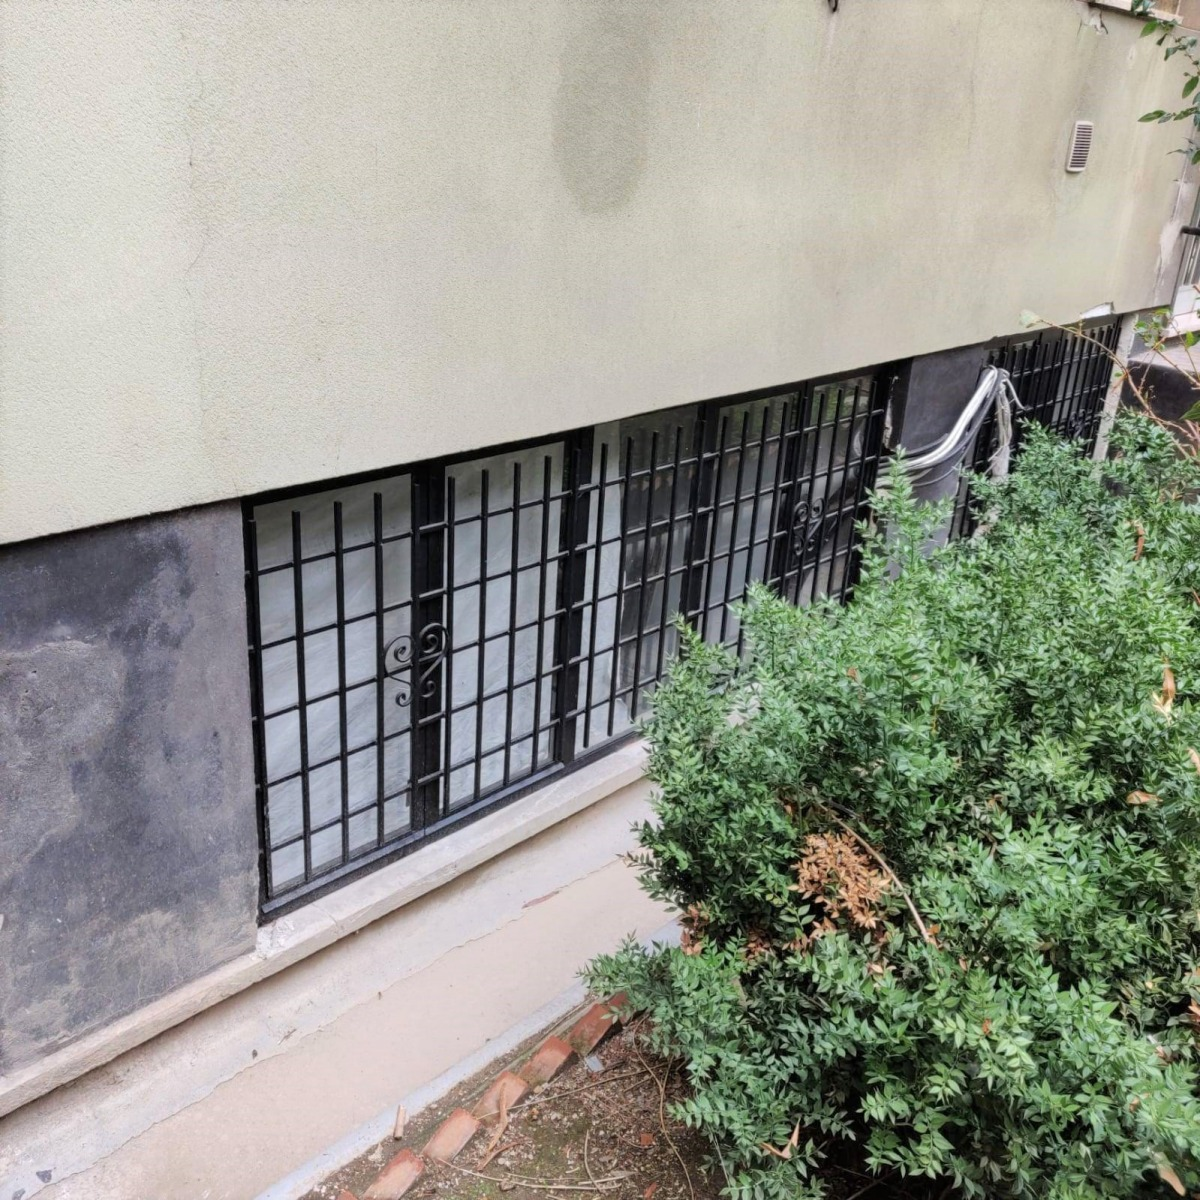 appartamenti-c3-in-vendita-via-chinotto-san-siro-milano-spaziourbano-immobiliare-vende-3-locali-2-locali-appartamenti-2